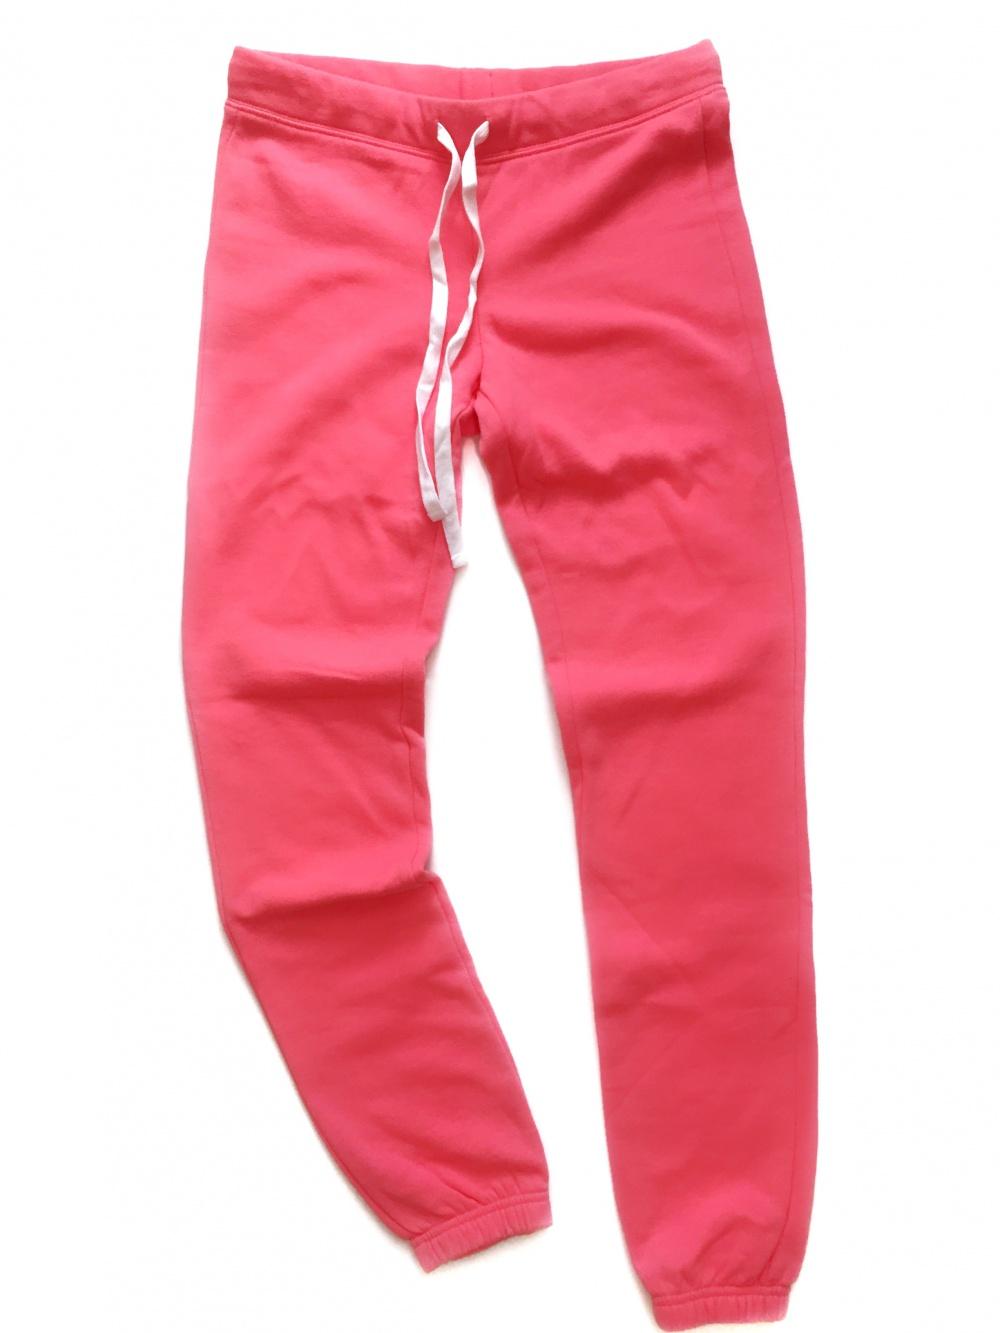 Домашние штаны forever 21, размер S